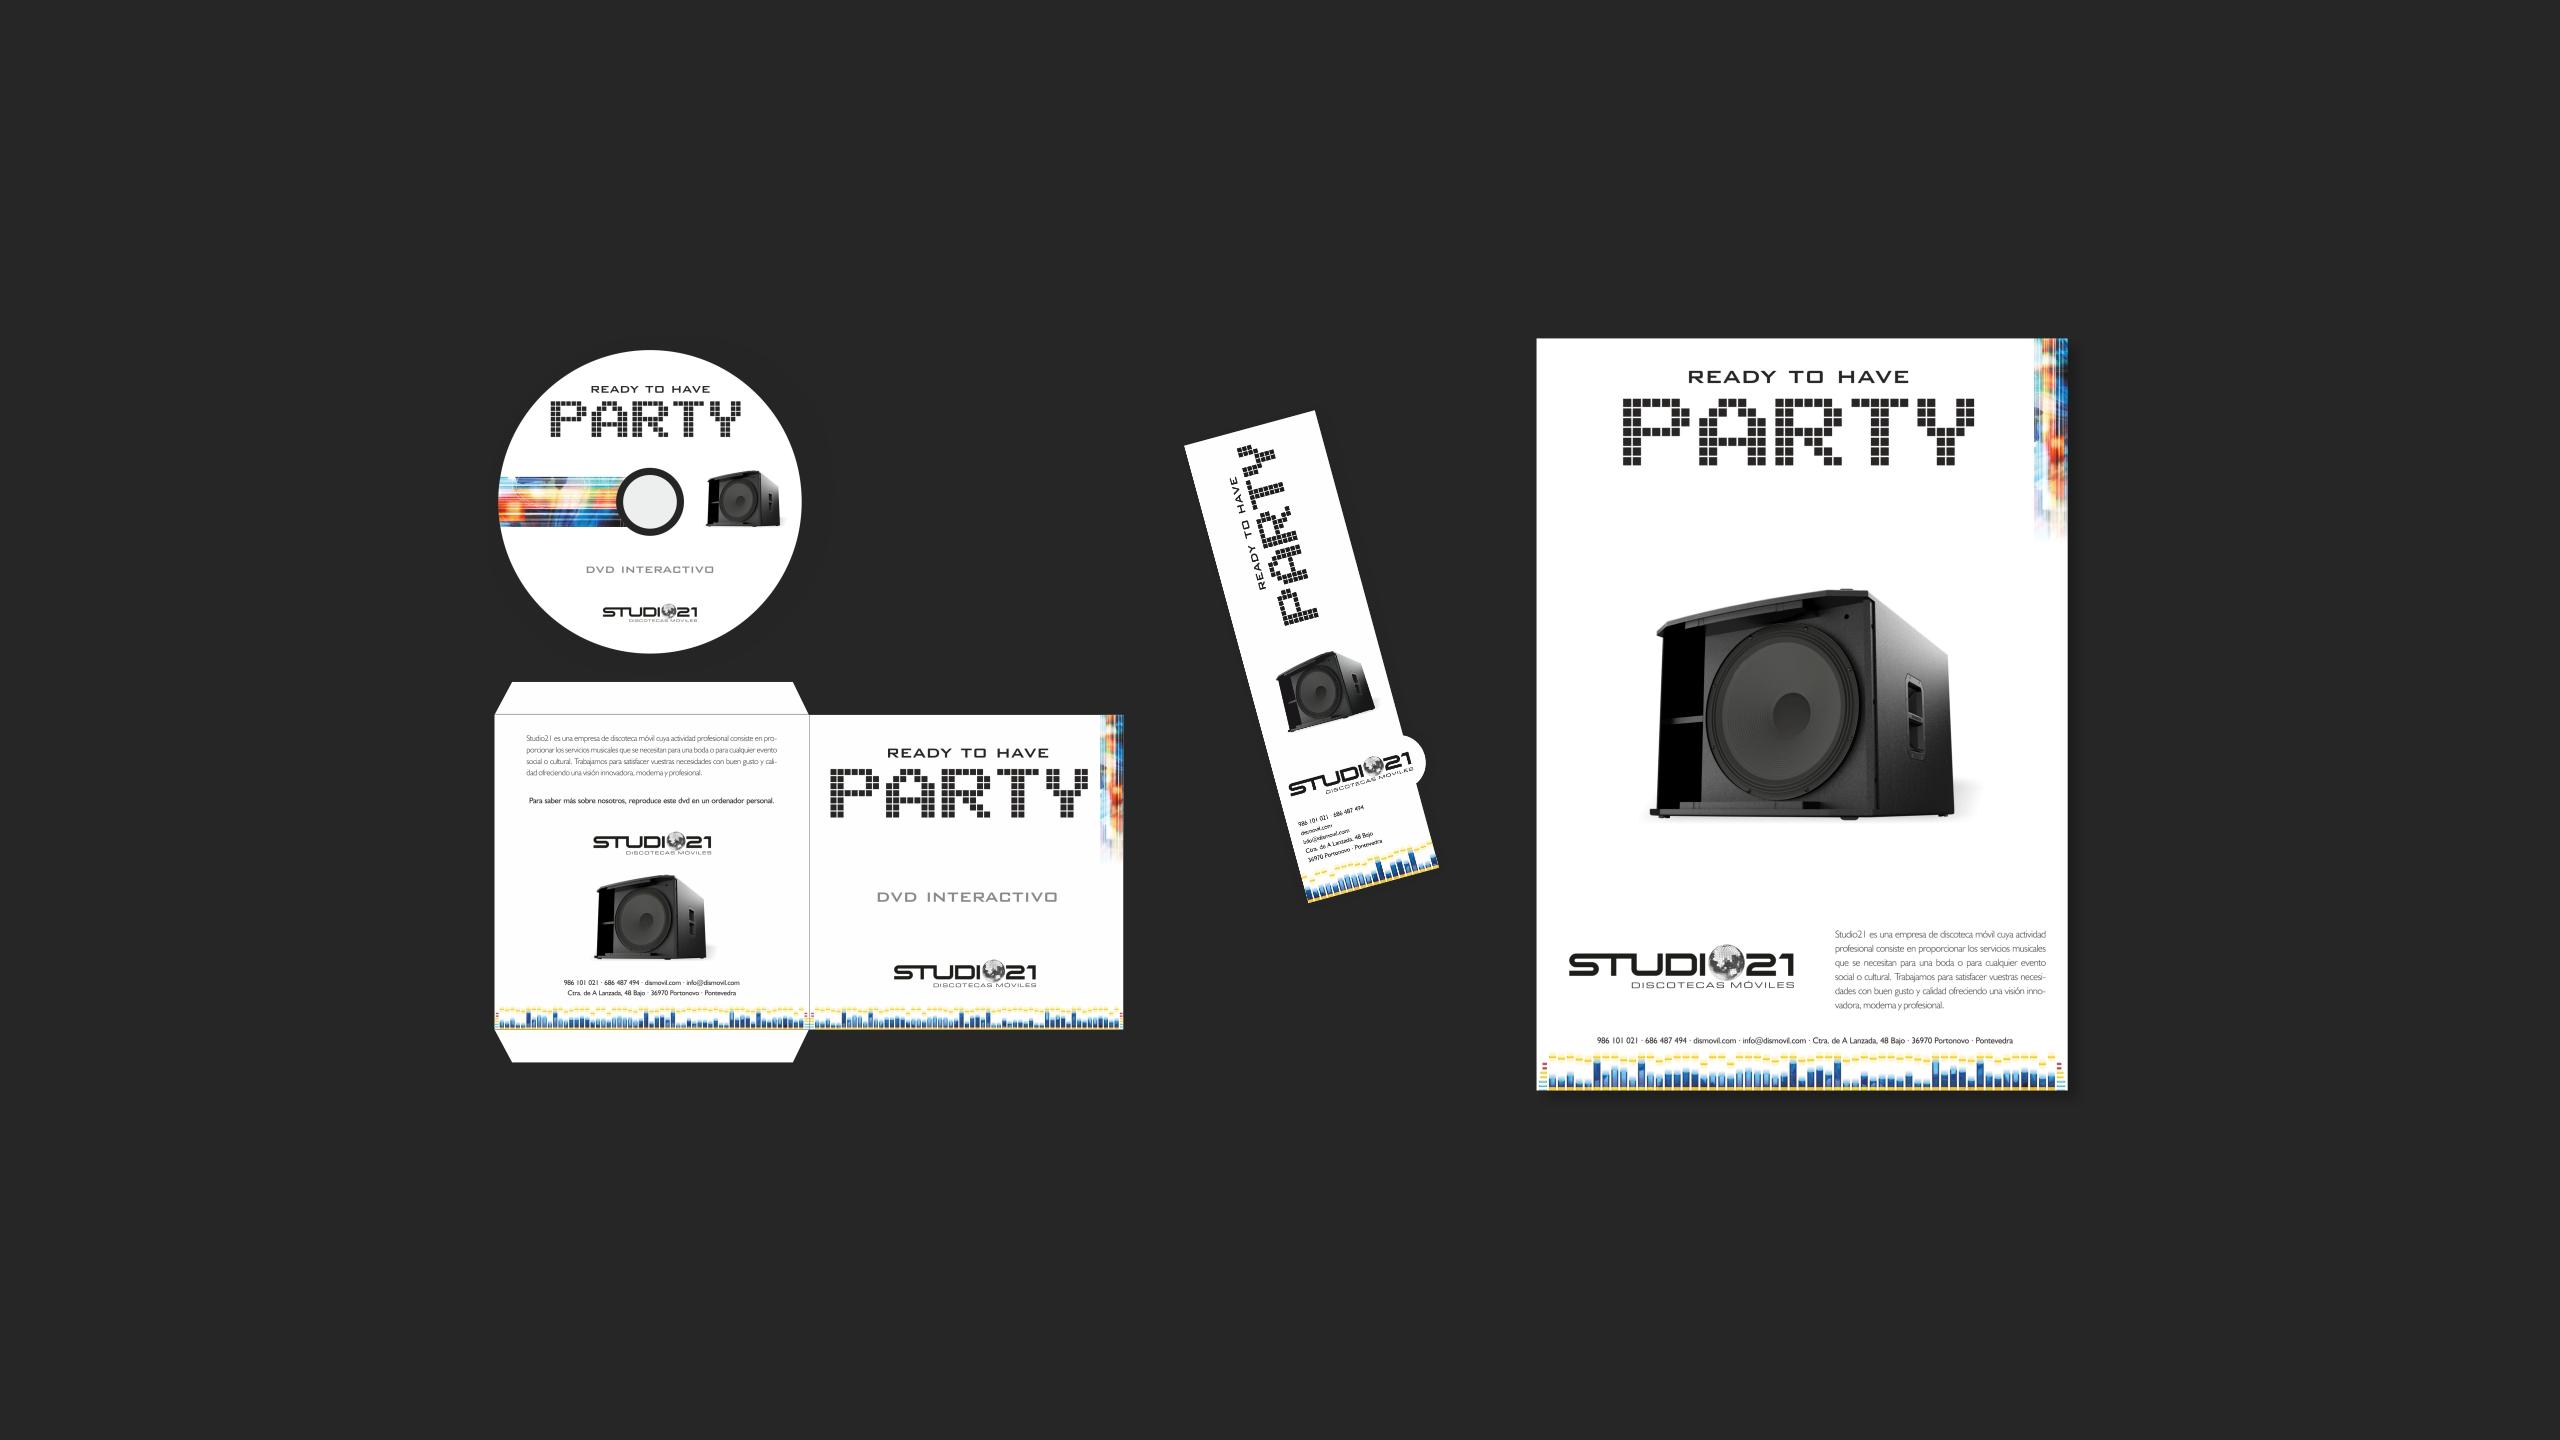 Diseño Dismovil Studio 21 material promocional